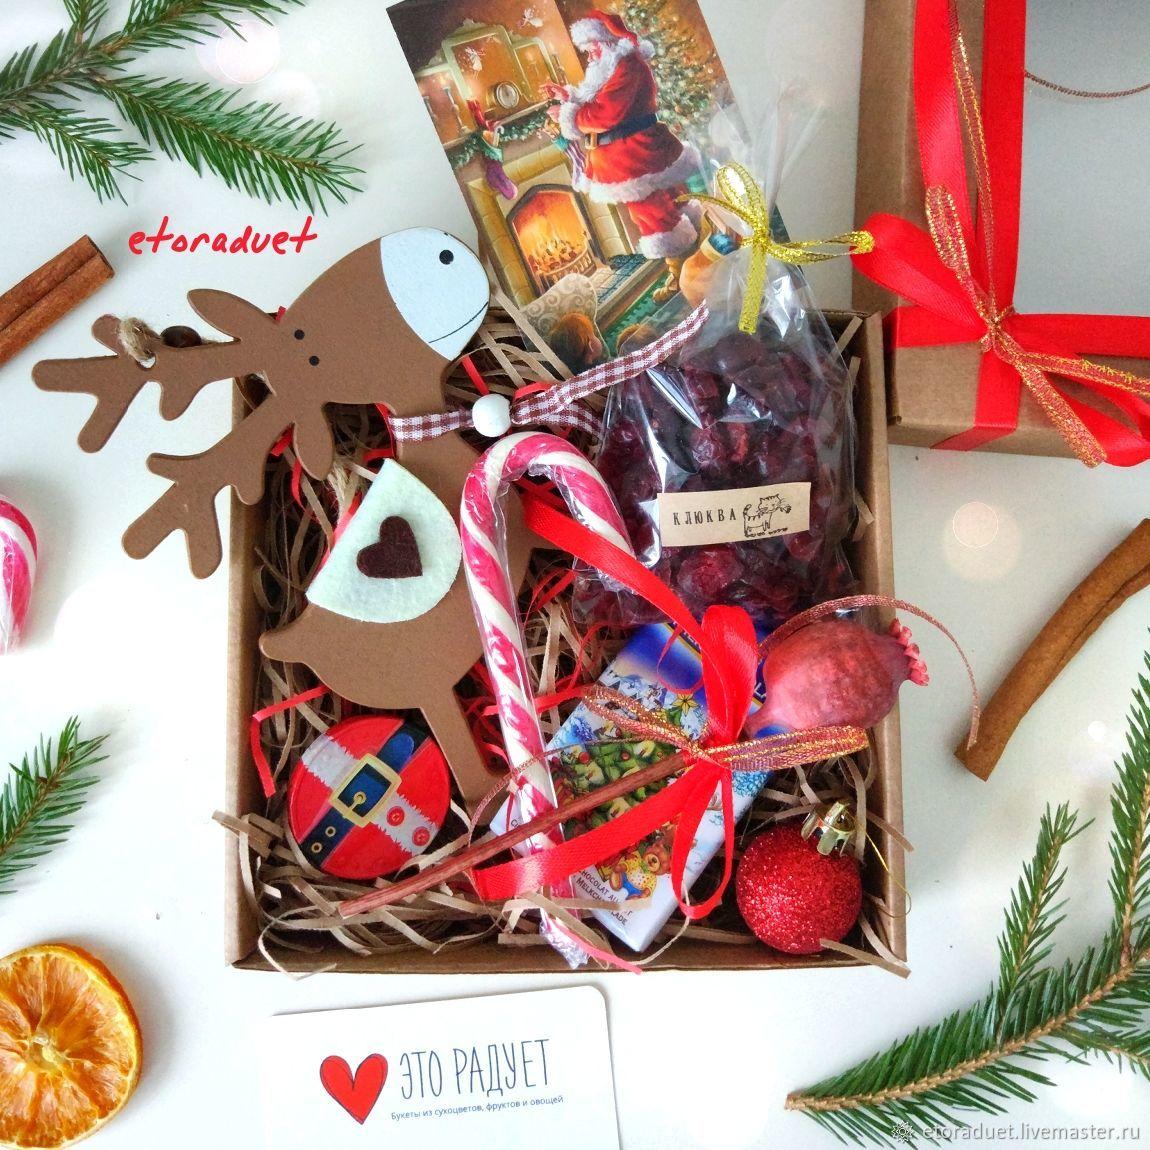 Новогодний набор с деревянным оленем в коробочке, Наборы, Санкт-Петербург,  Фото №1